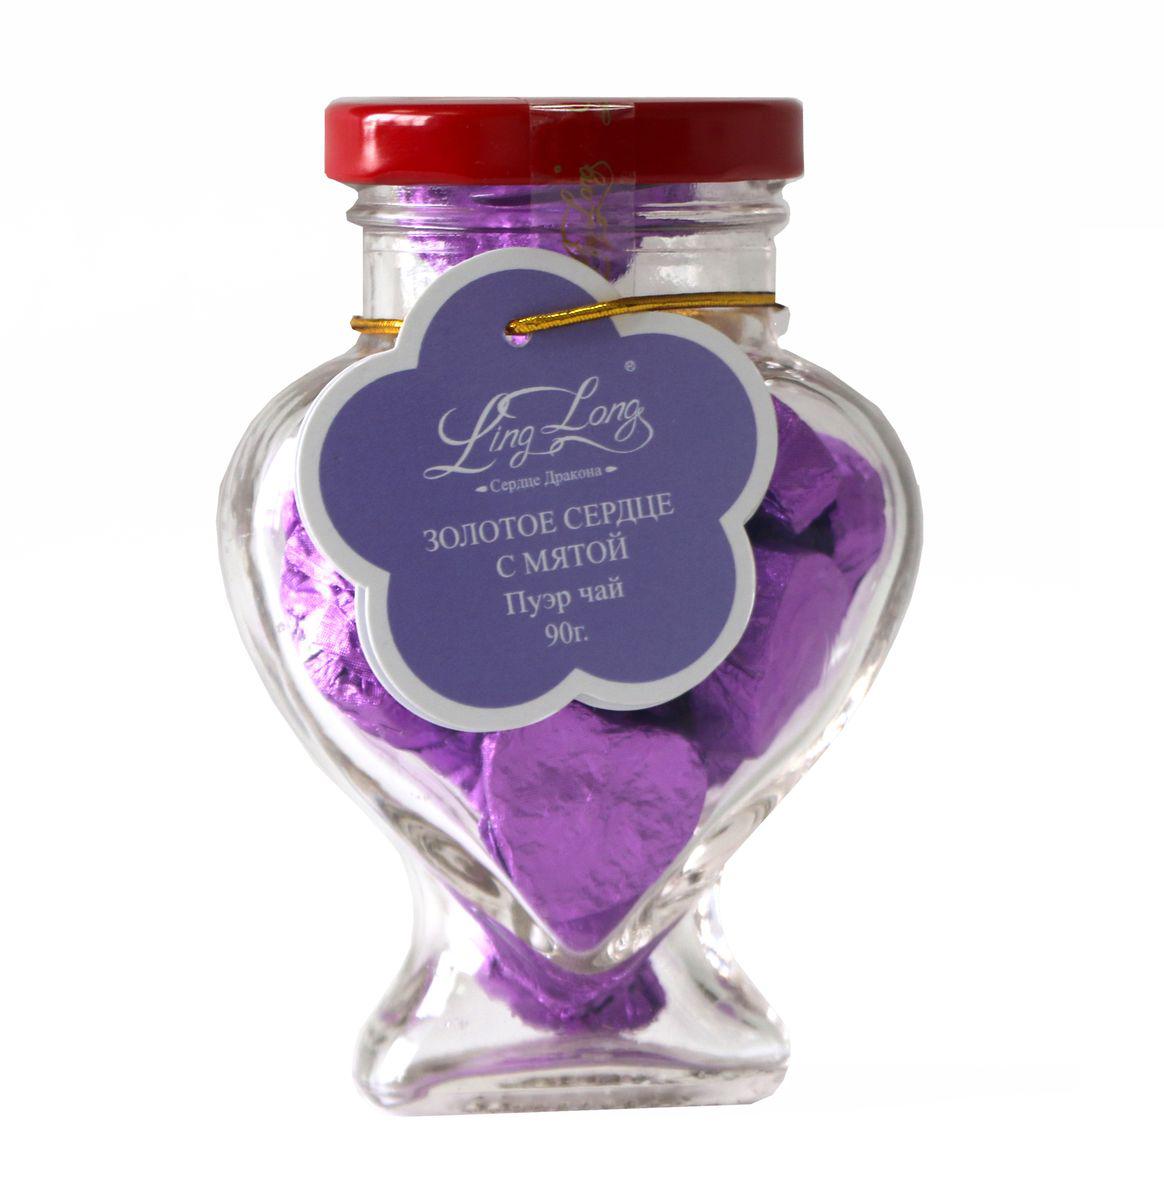 Ling Long Золотое сердце с мятой черный листовой чай пуэр, 90 г (стеклянная банка)LL510Чай черный Пуэр байховый китайский крупнолистовой Ling Long Золотое сердце с натуральными листьями мяты. Спрессован в форме сердечек. Такой чай станет отличным подарком друзьям или близким.